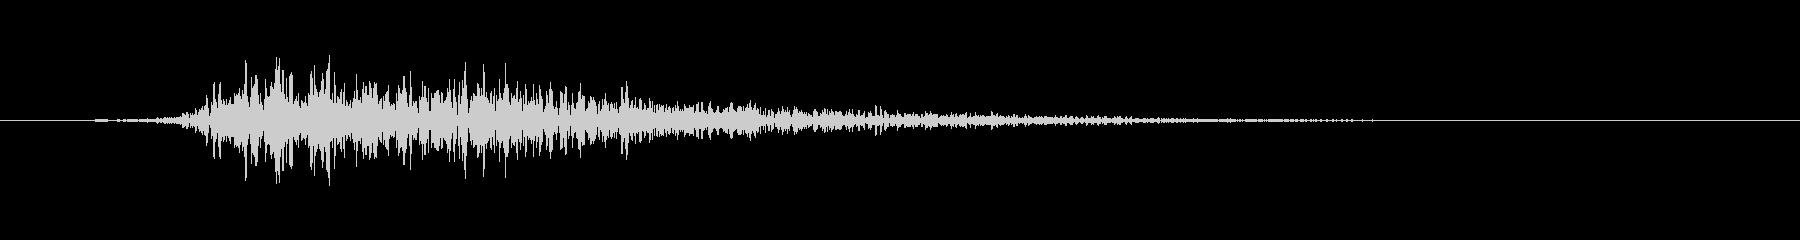 スプリングドラム-ビッグ、シェイク...の未再生の波形